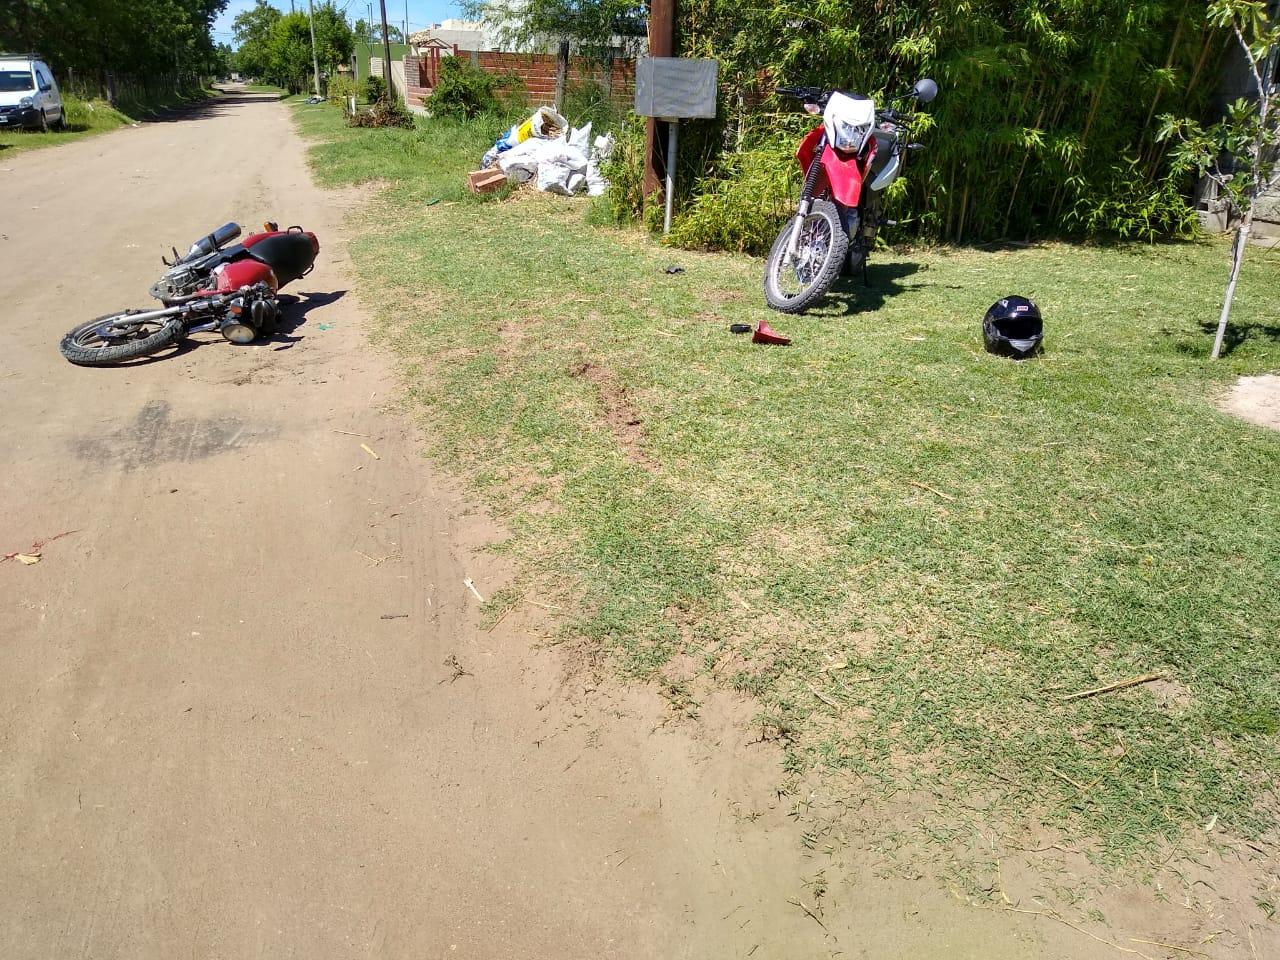 Fuerte choque entre motos en General Pico: Ambos conductores fueron hospitalizados